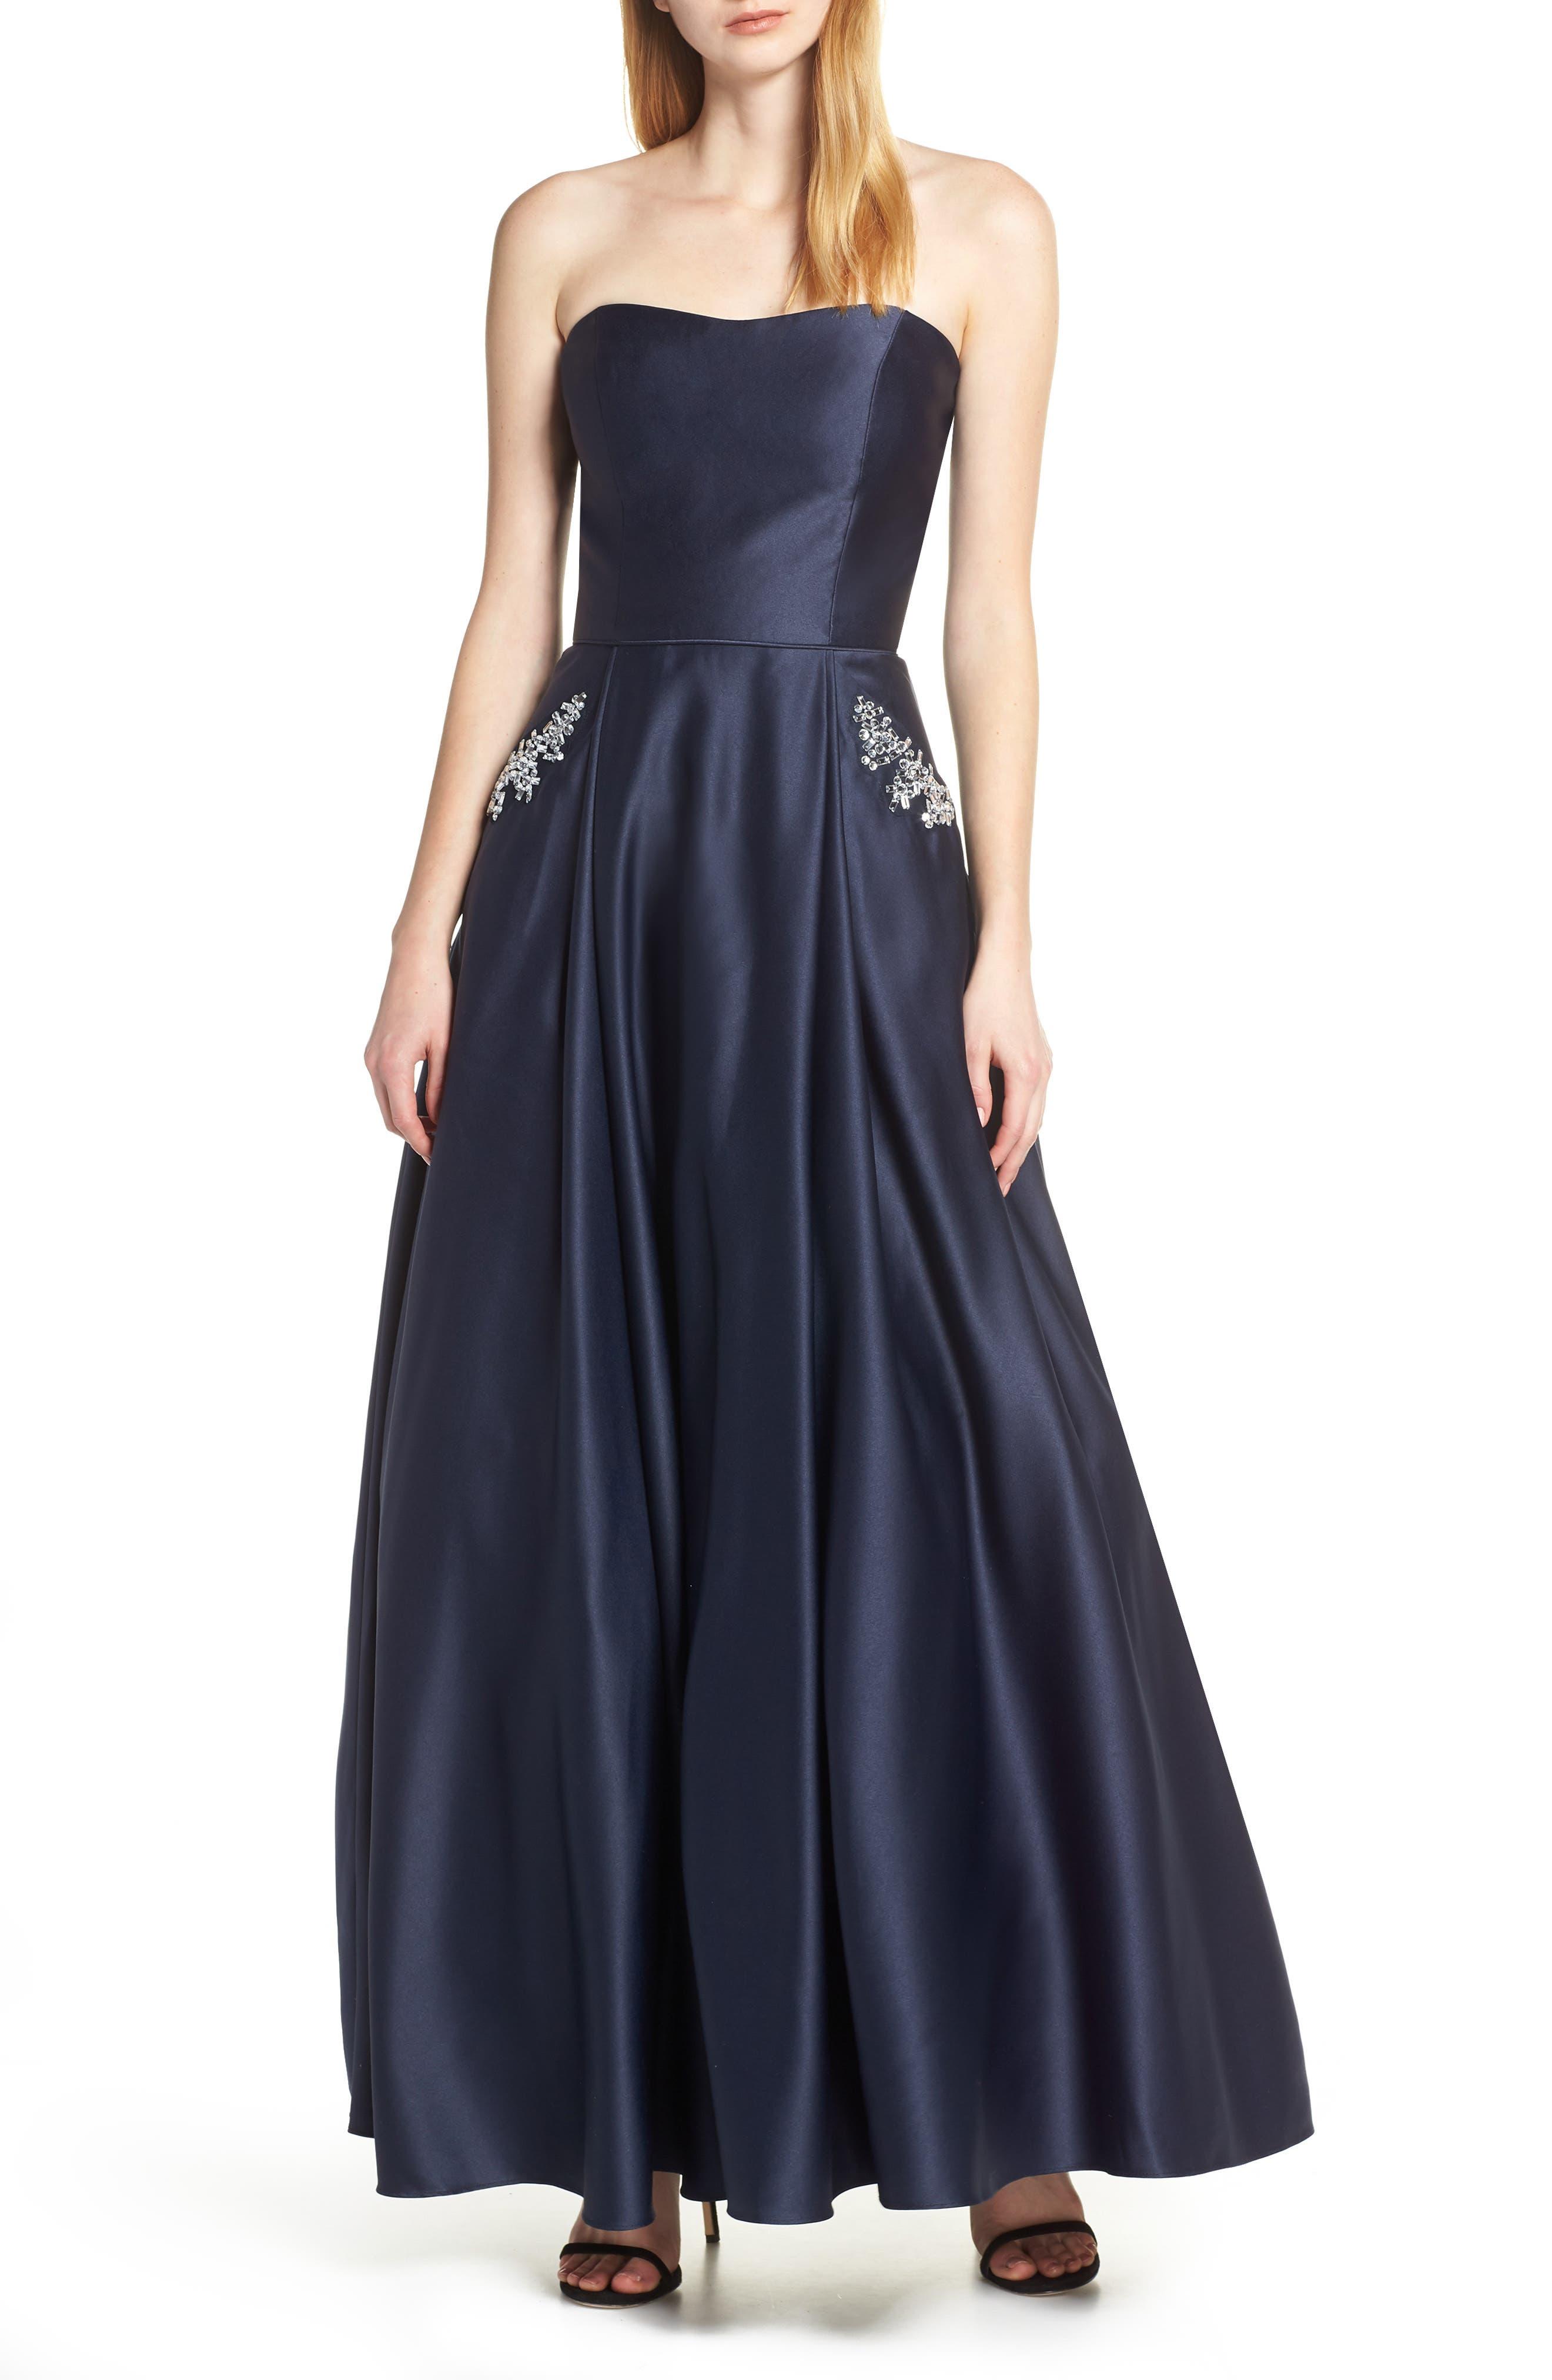 Blondie Nites Strapless Embellished Pocket Satin Evening Dress, Blue